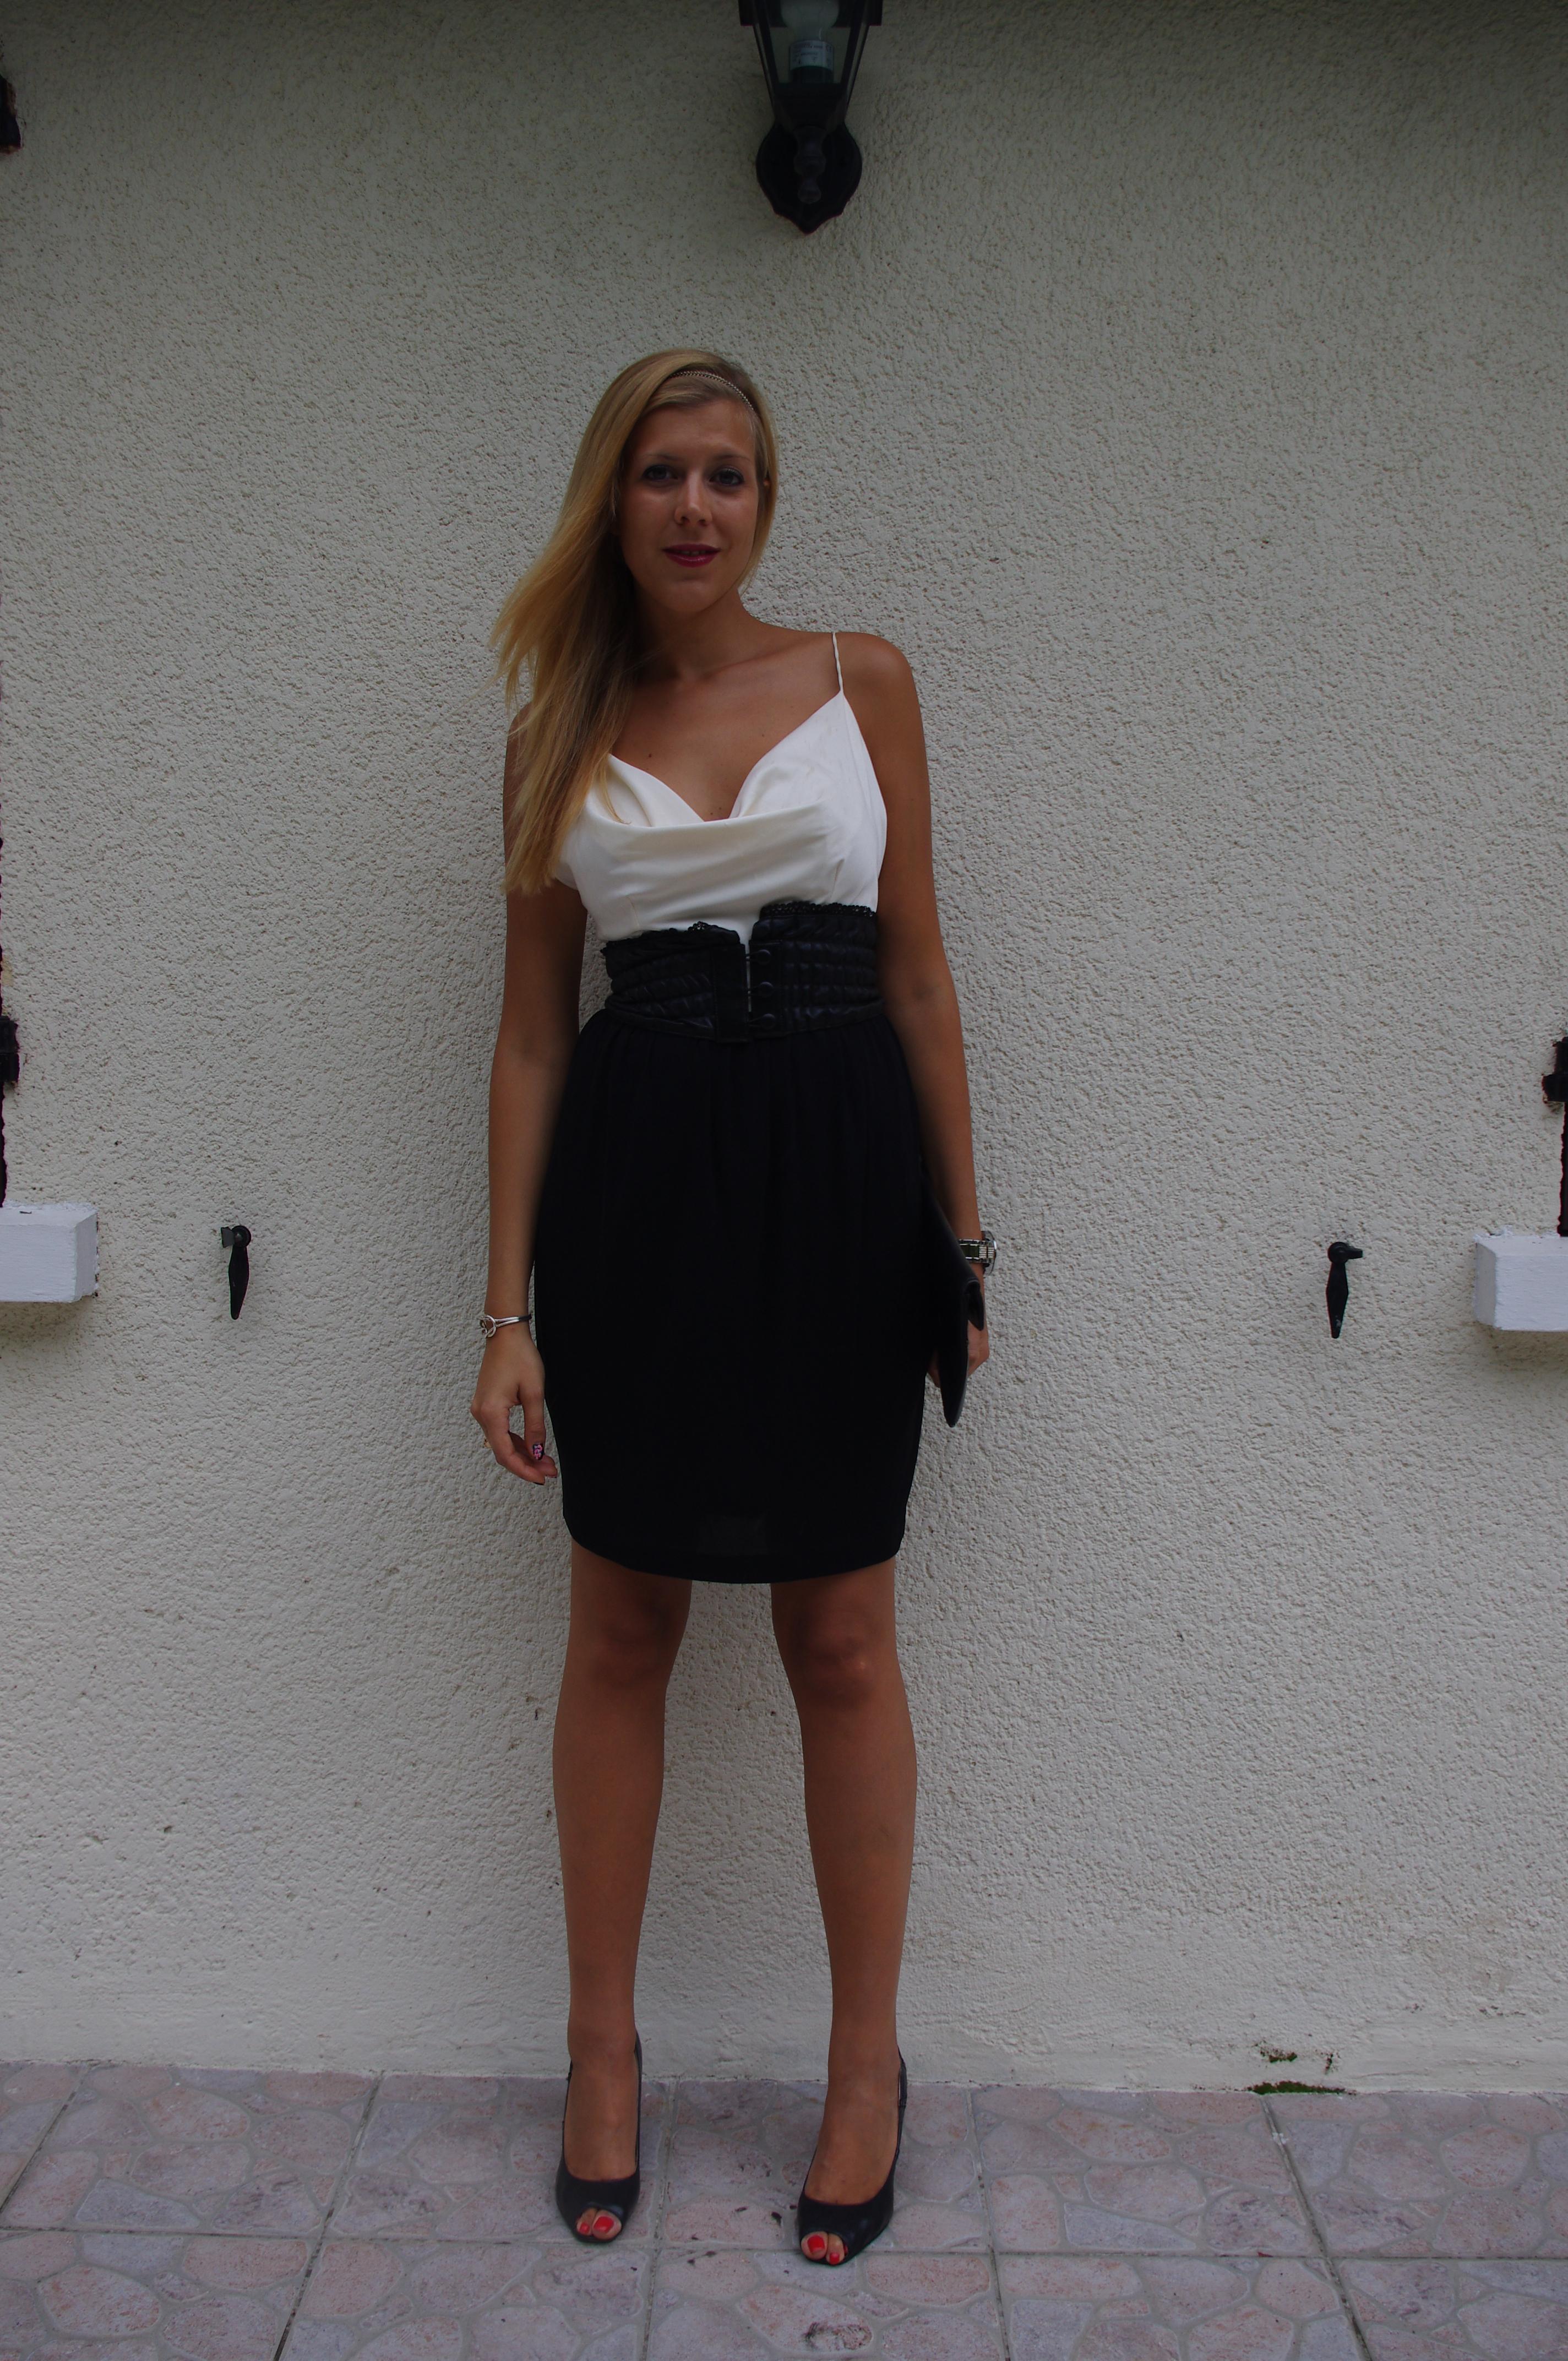 une robe qui en jette pour une soir e chic missglamazone missglamazone. Black Bedroom Furniture Sets. Home Design Ideas